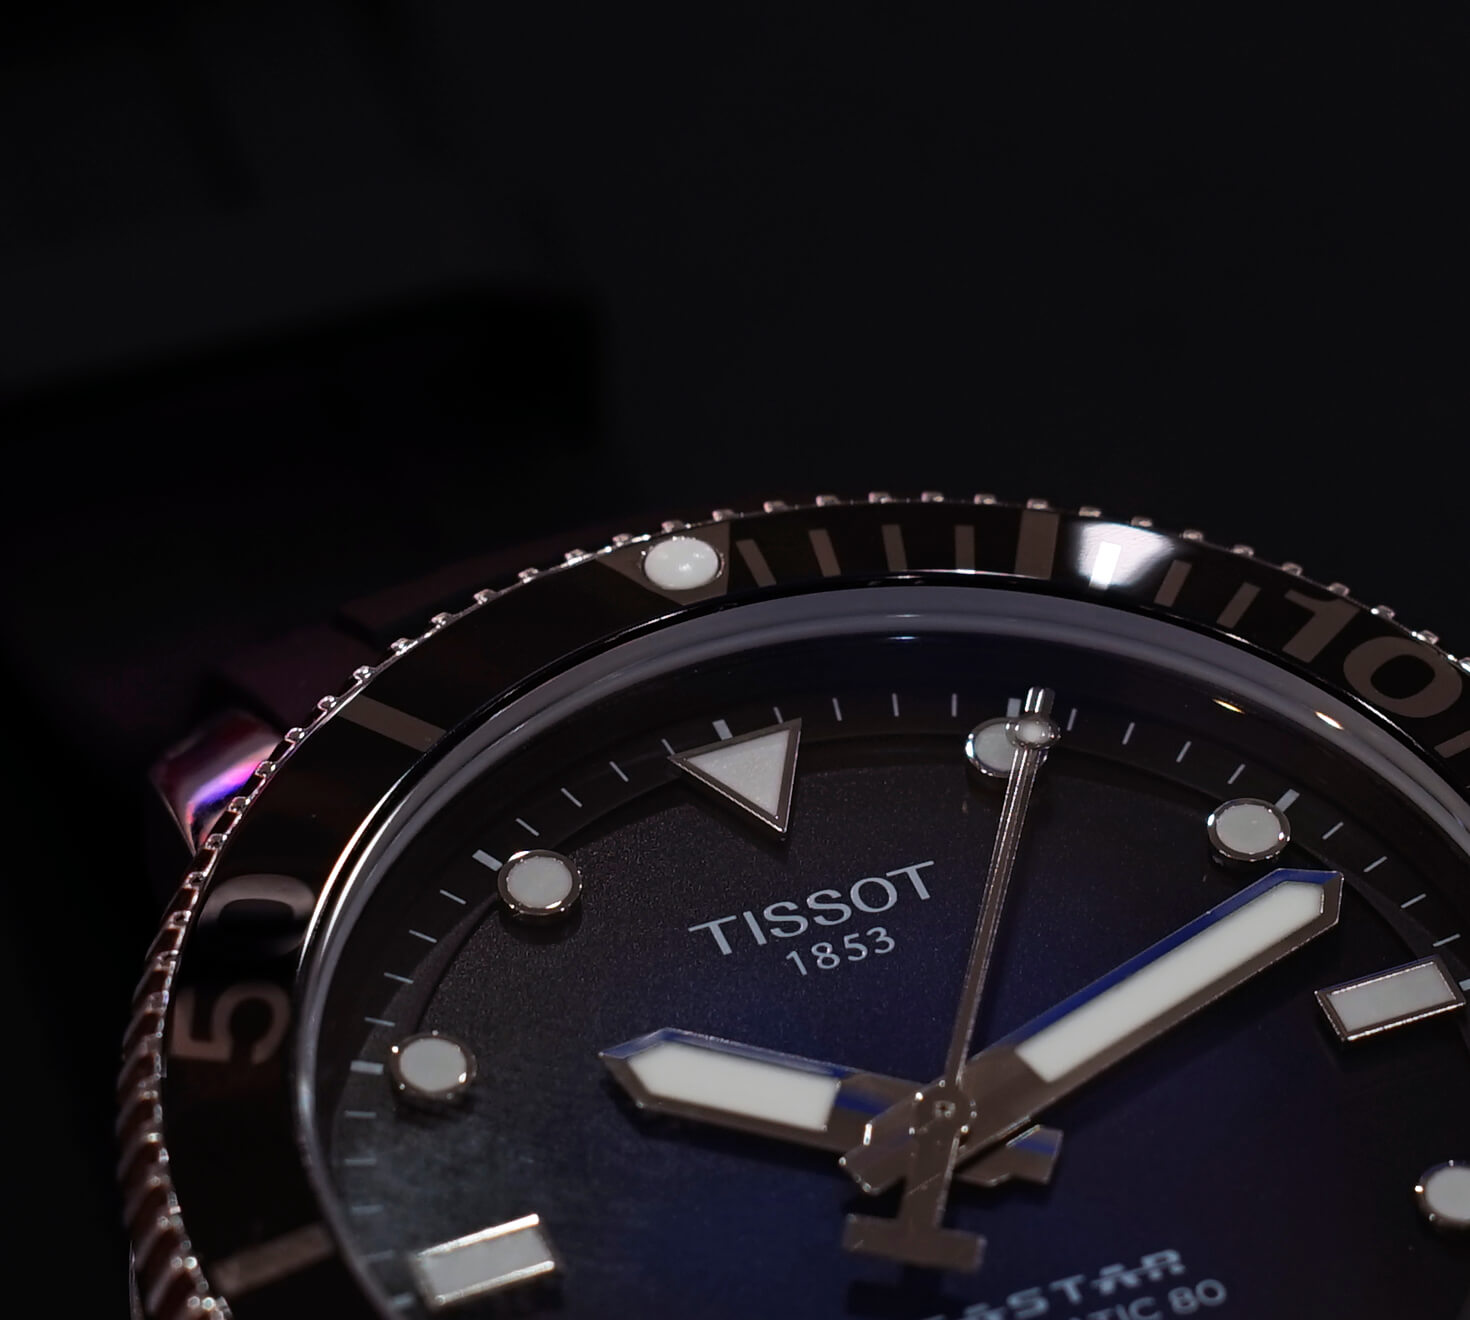 Tissot seastar 1000 powermatic 80, керамический безель